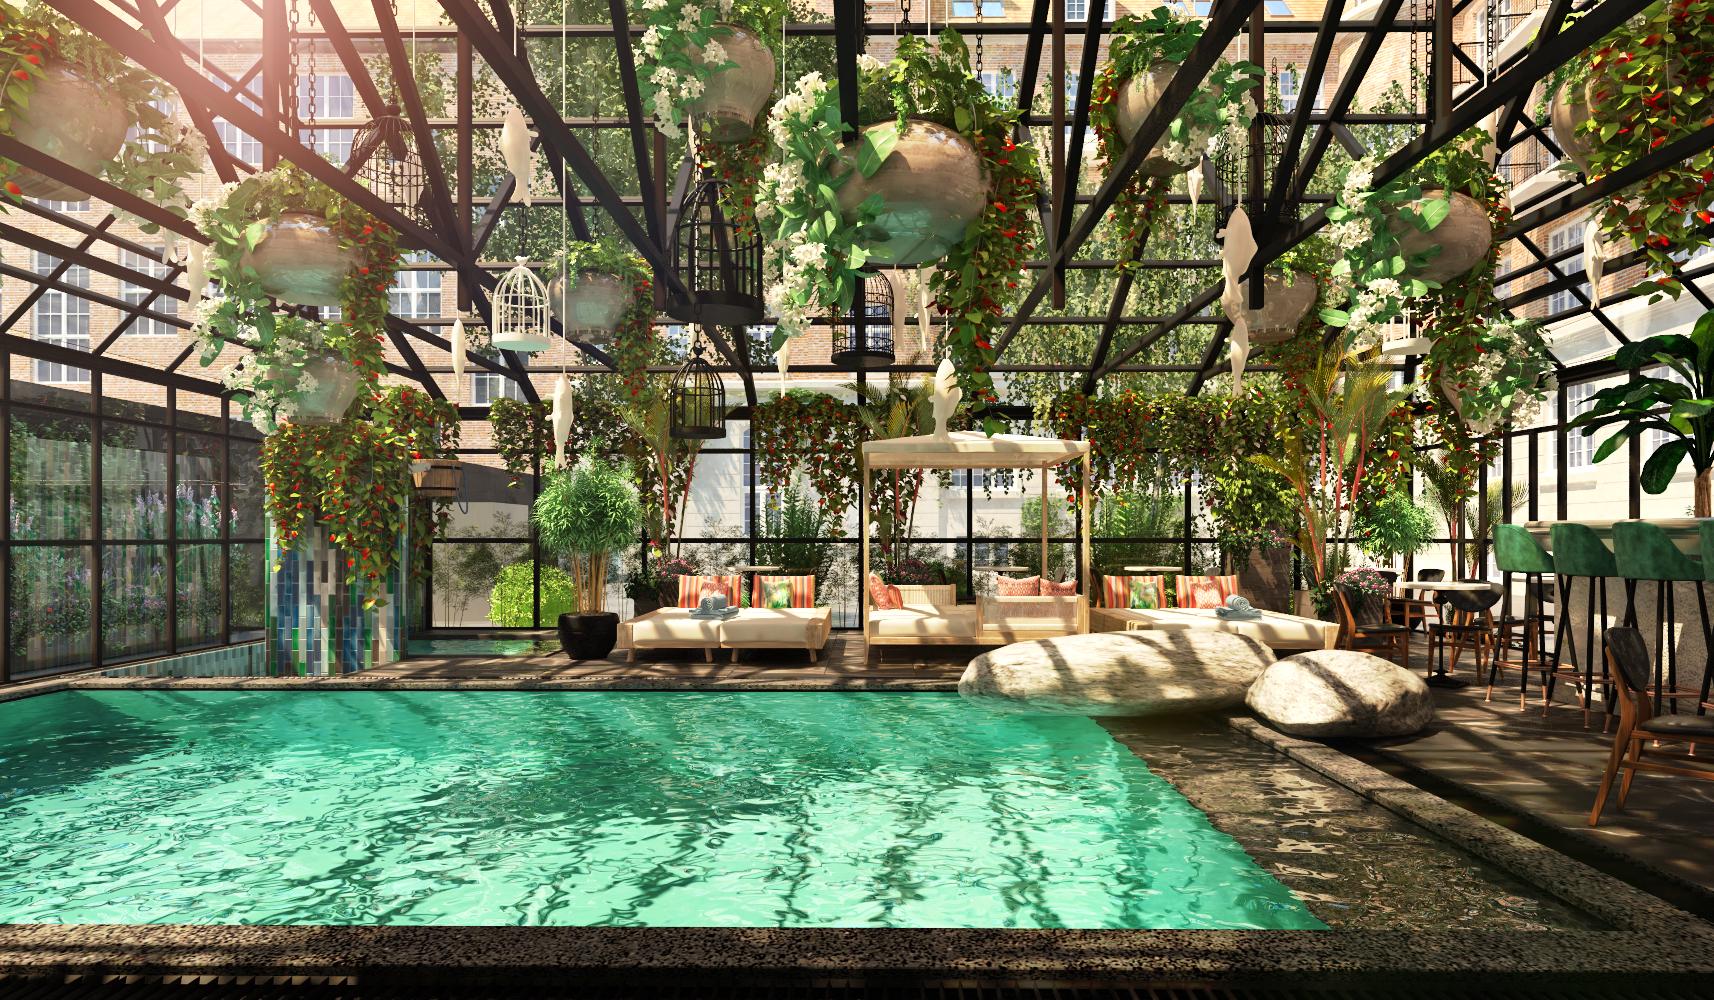 Bryggen Guldsmeden Hotel på Islands Brygge i København får udover 214 værelser blandt andet også spa, sauna, indendørspool, mødefaciliteter og restaurant. Illustration via Guldsmeden Hotels.